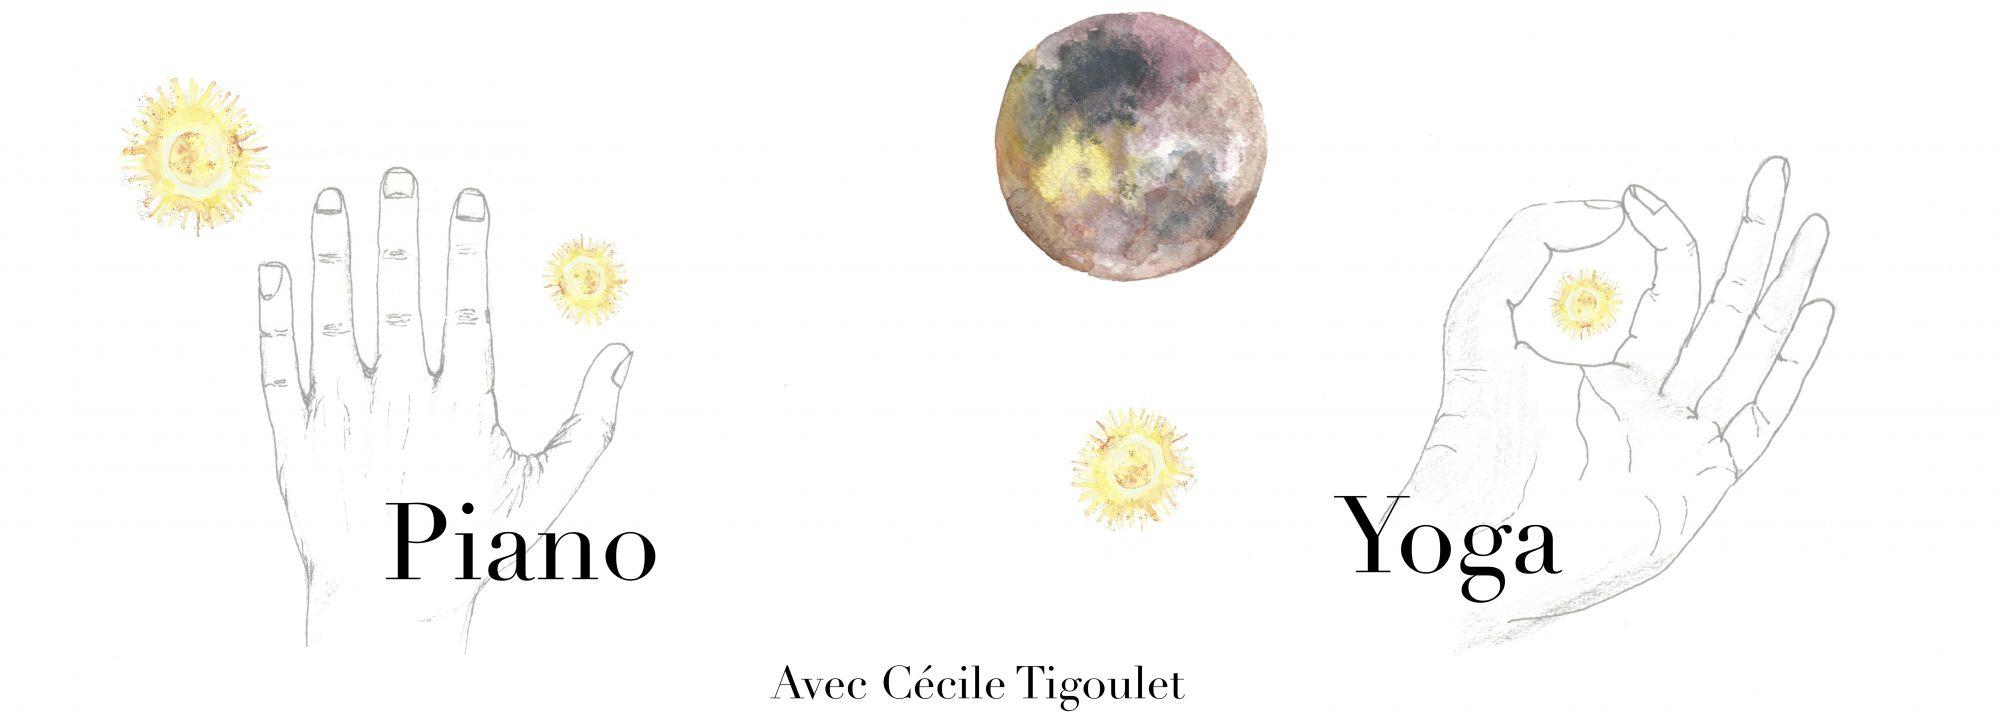 Piano et Yoga avec Cécile Tigoulet